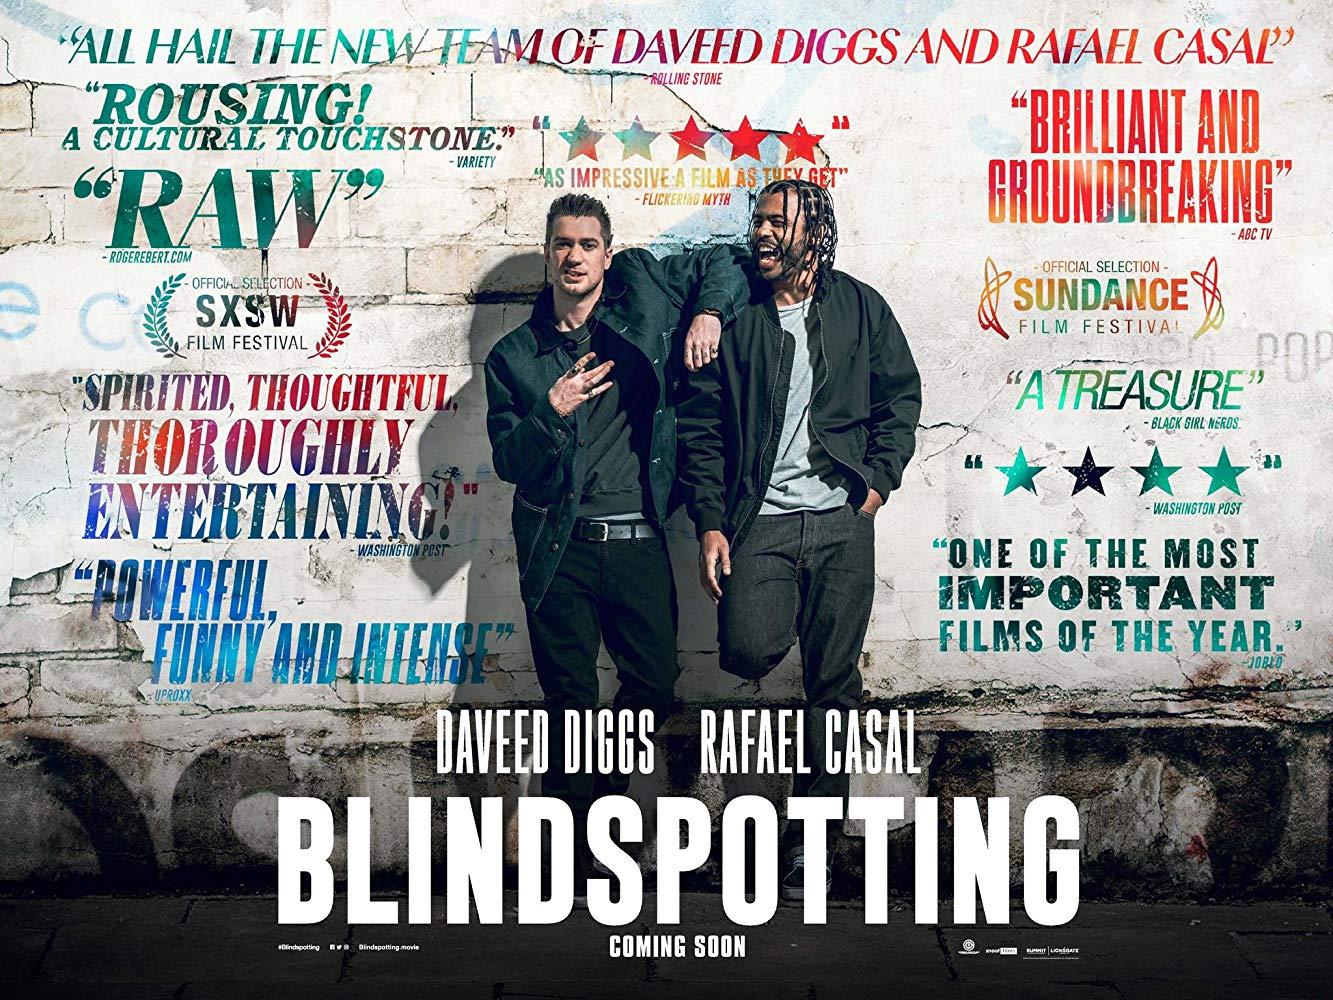 Monthly Film: Blindspotting